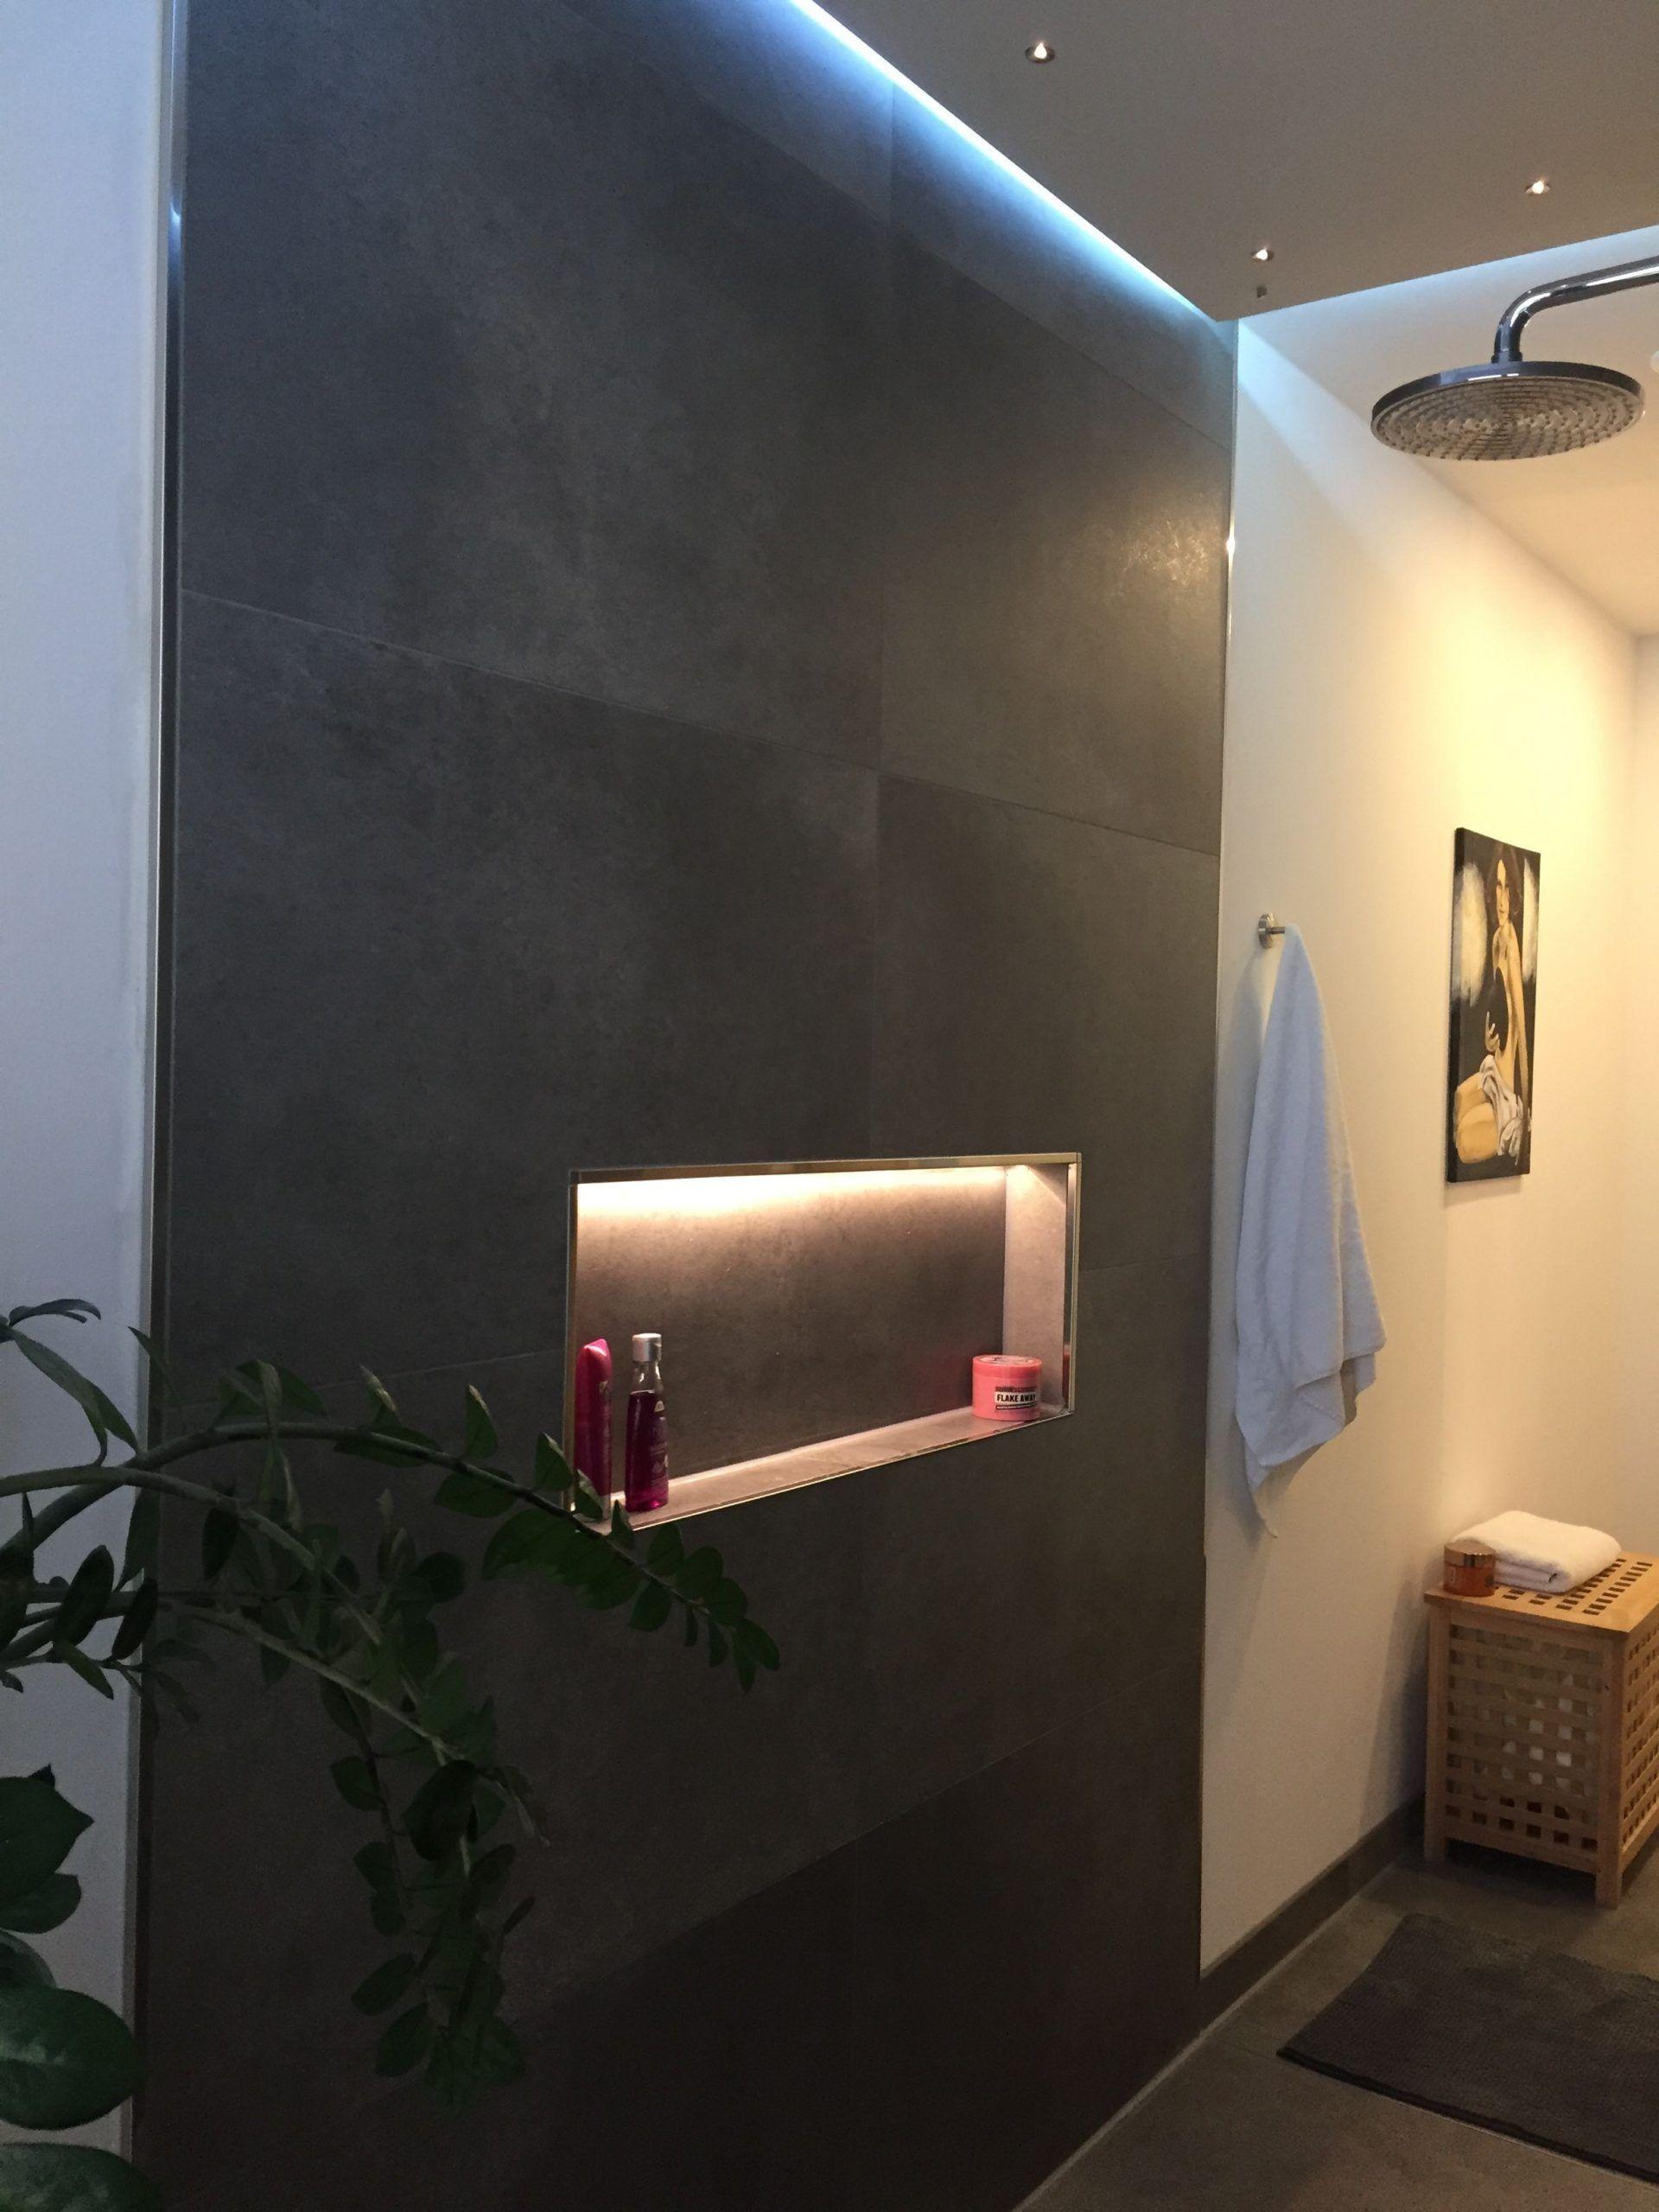 Pin Von Bekki Auf Beleuchtung Badezimmer Licht Dusche Beleuchtung Indirekte Beleuchtung